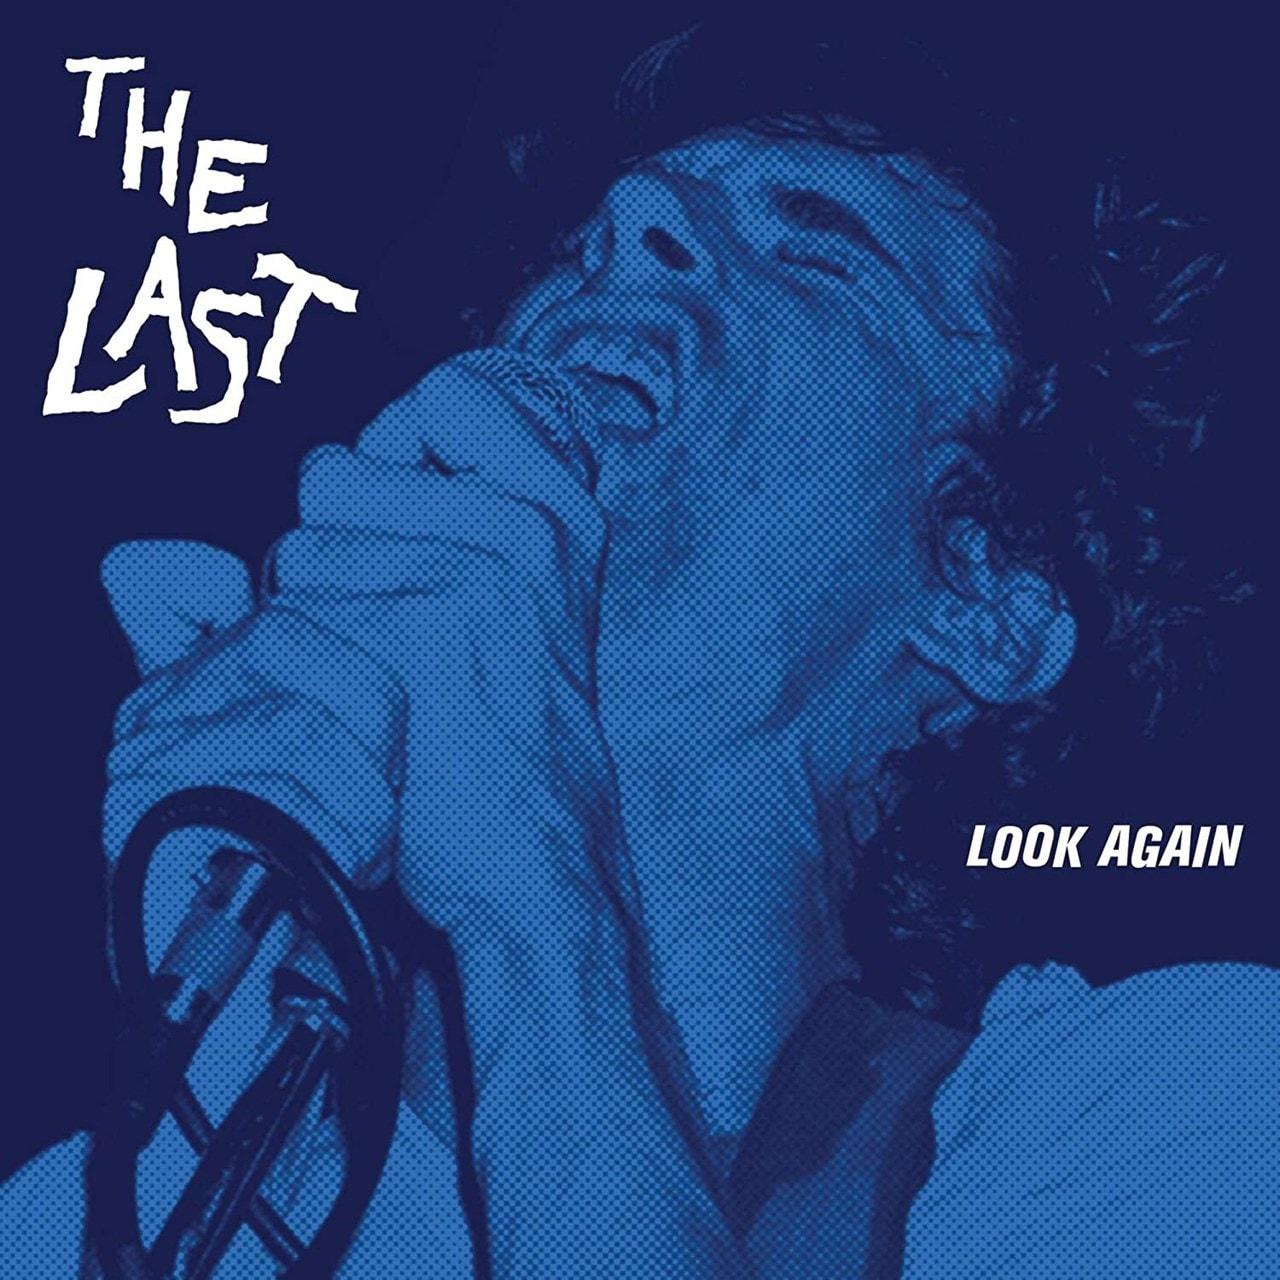 Look Again - 1